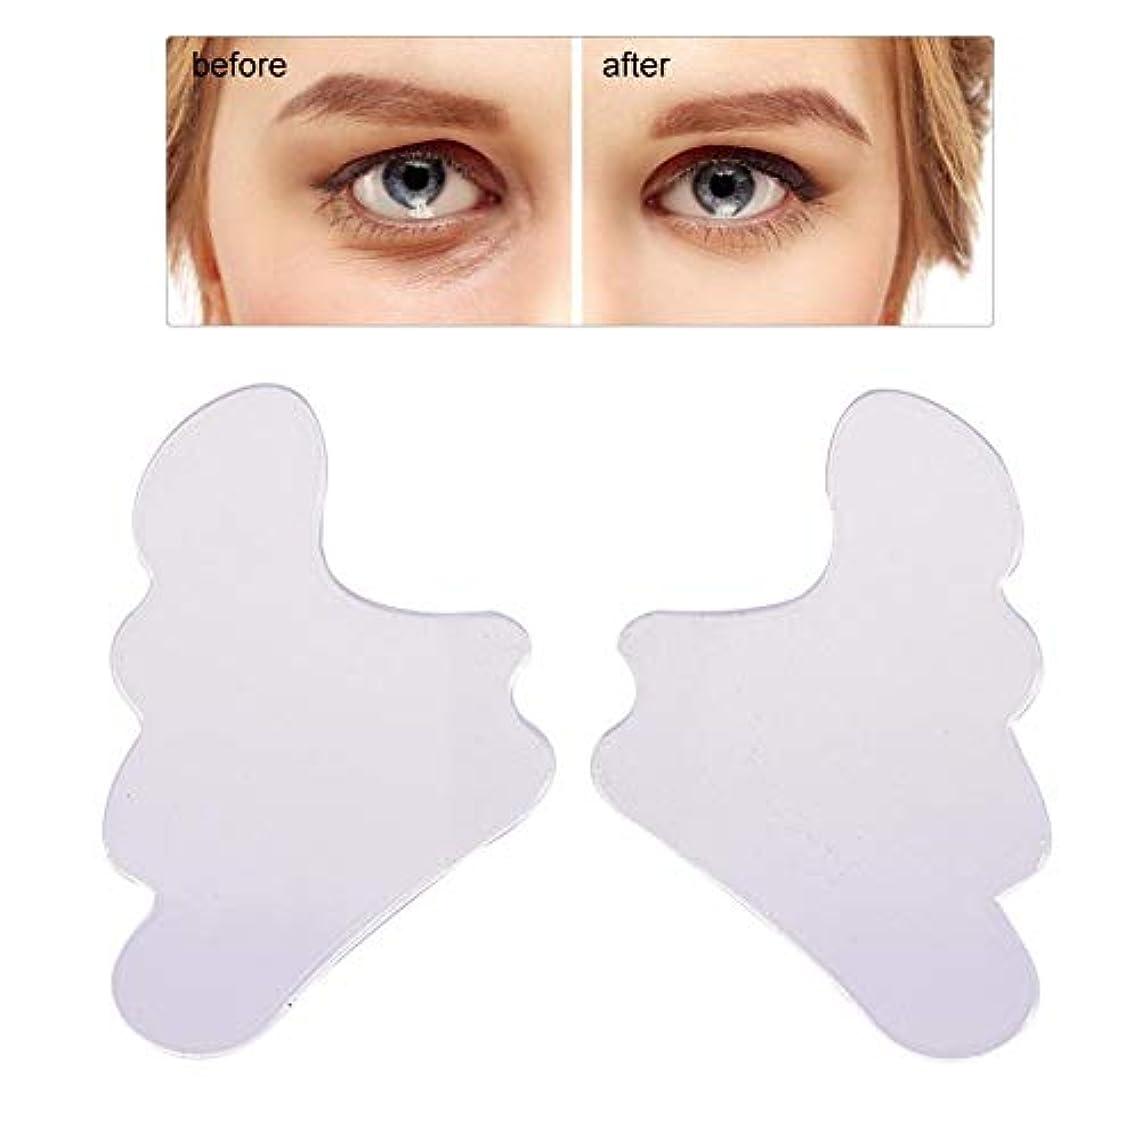 約原始的な繊毛SILUN シリコーン抗しわリップパッド ペーストフェイスステッカー 唇周り 細かい線を減らす 美容ステッカー